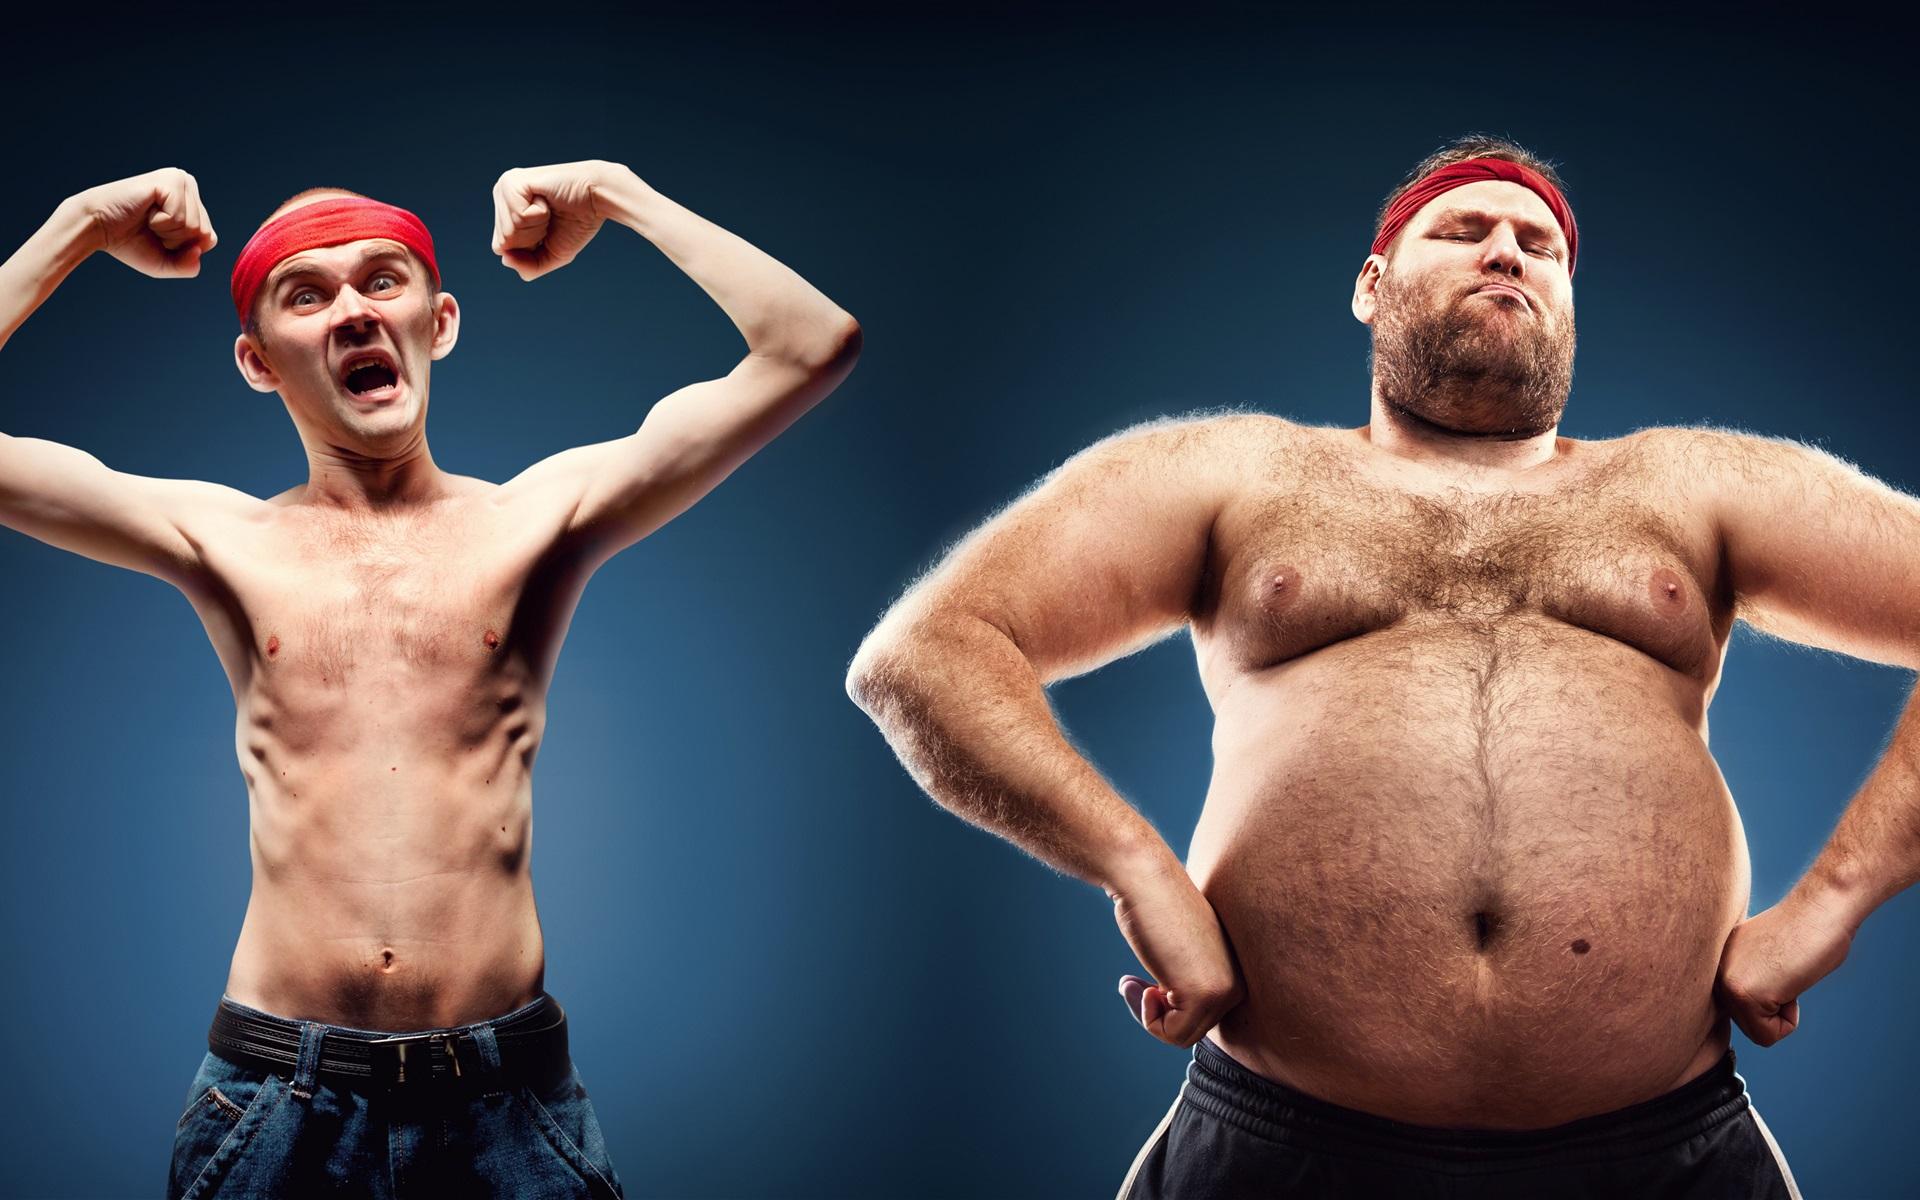 Прикольные картинки жирных